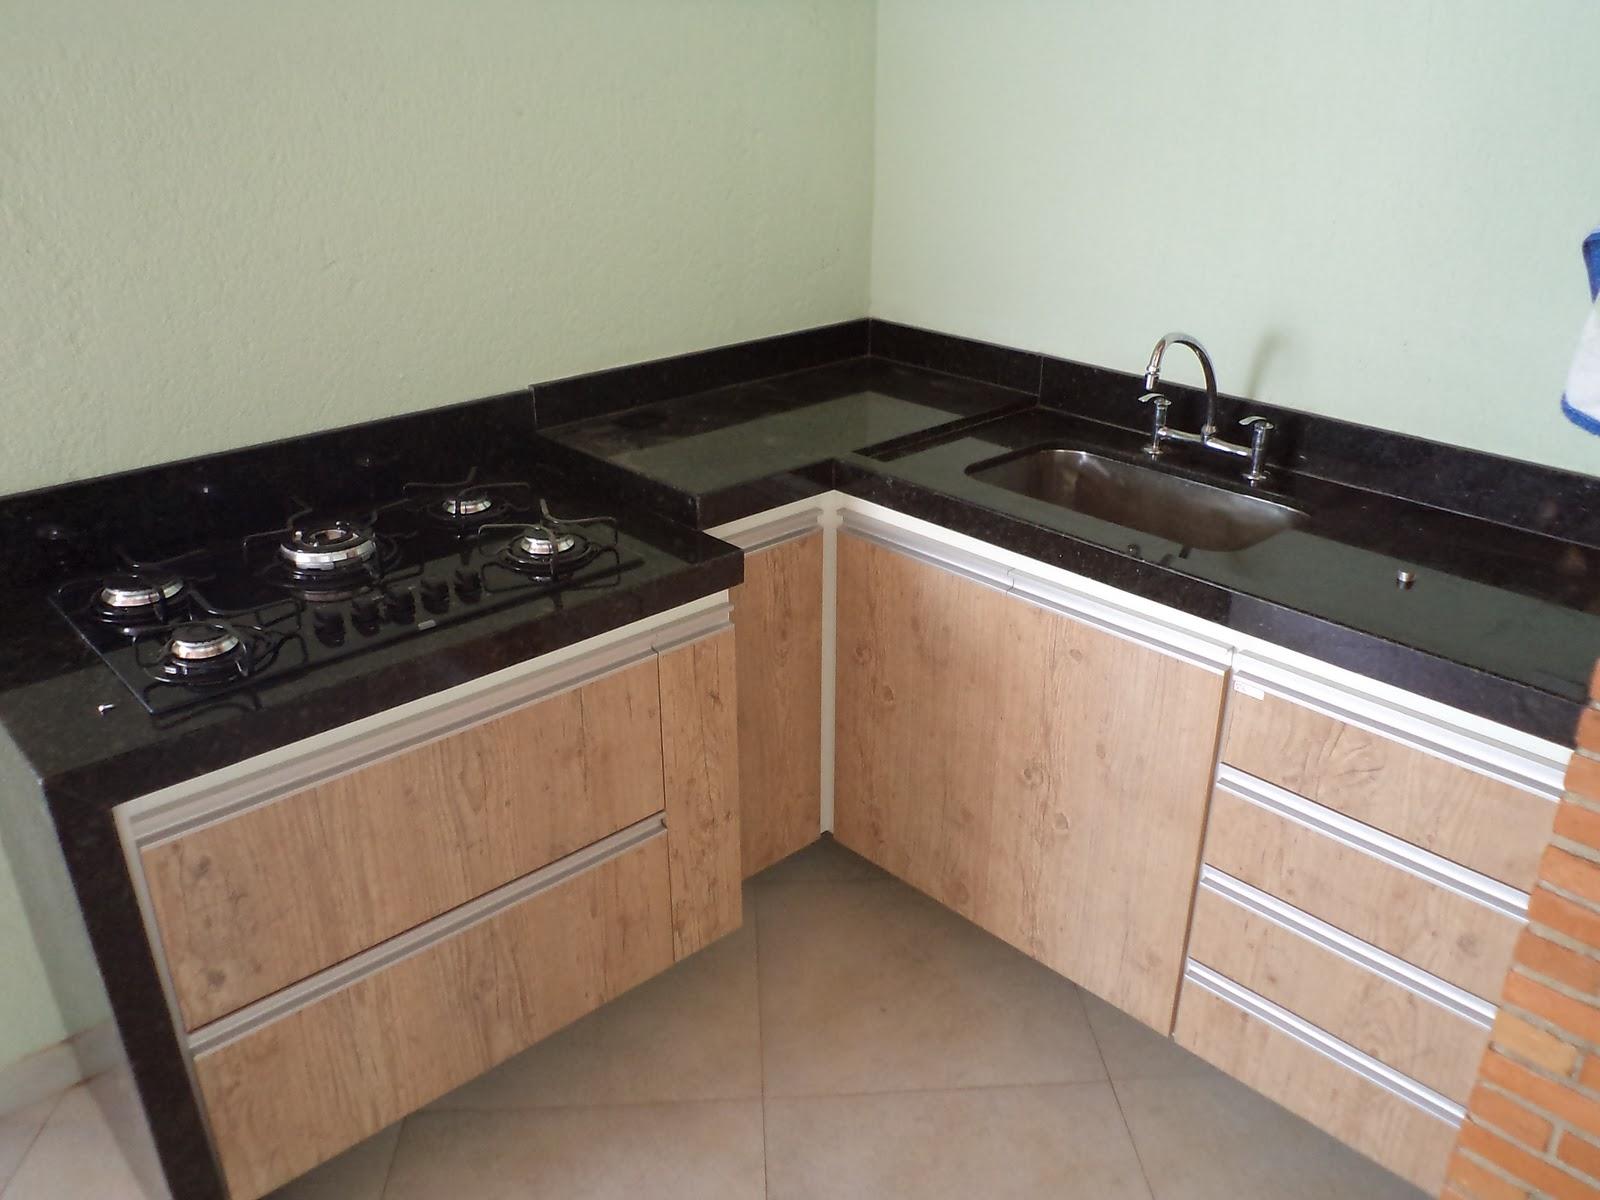 SPJ Móveis Planejados: Cozinha para área externa #935B38 1600x1200